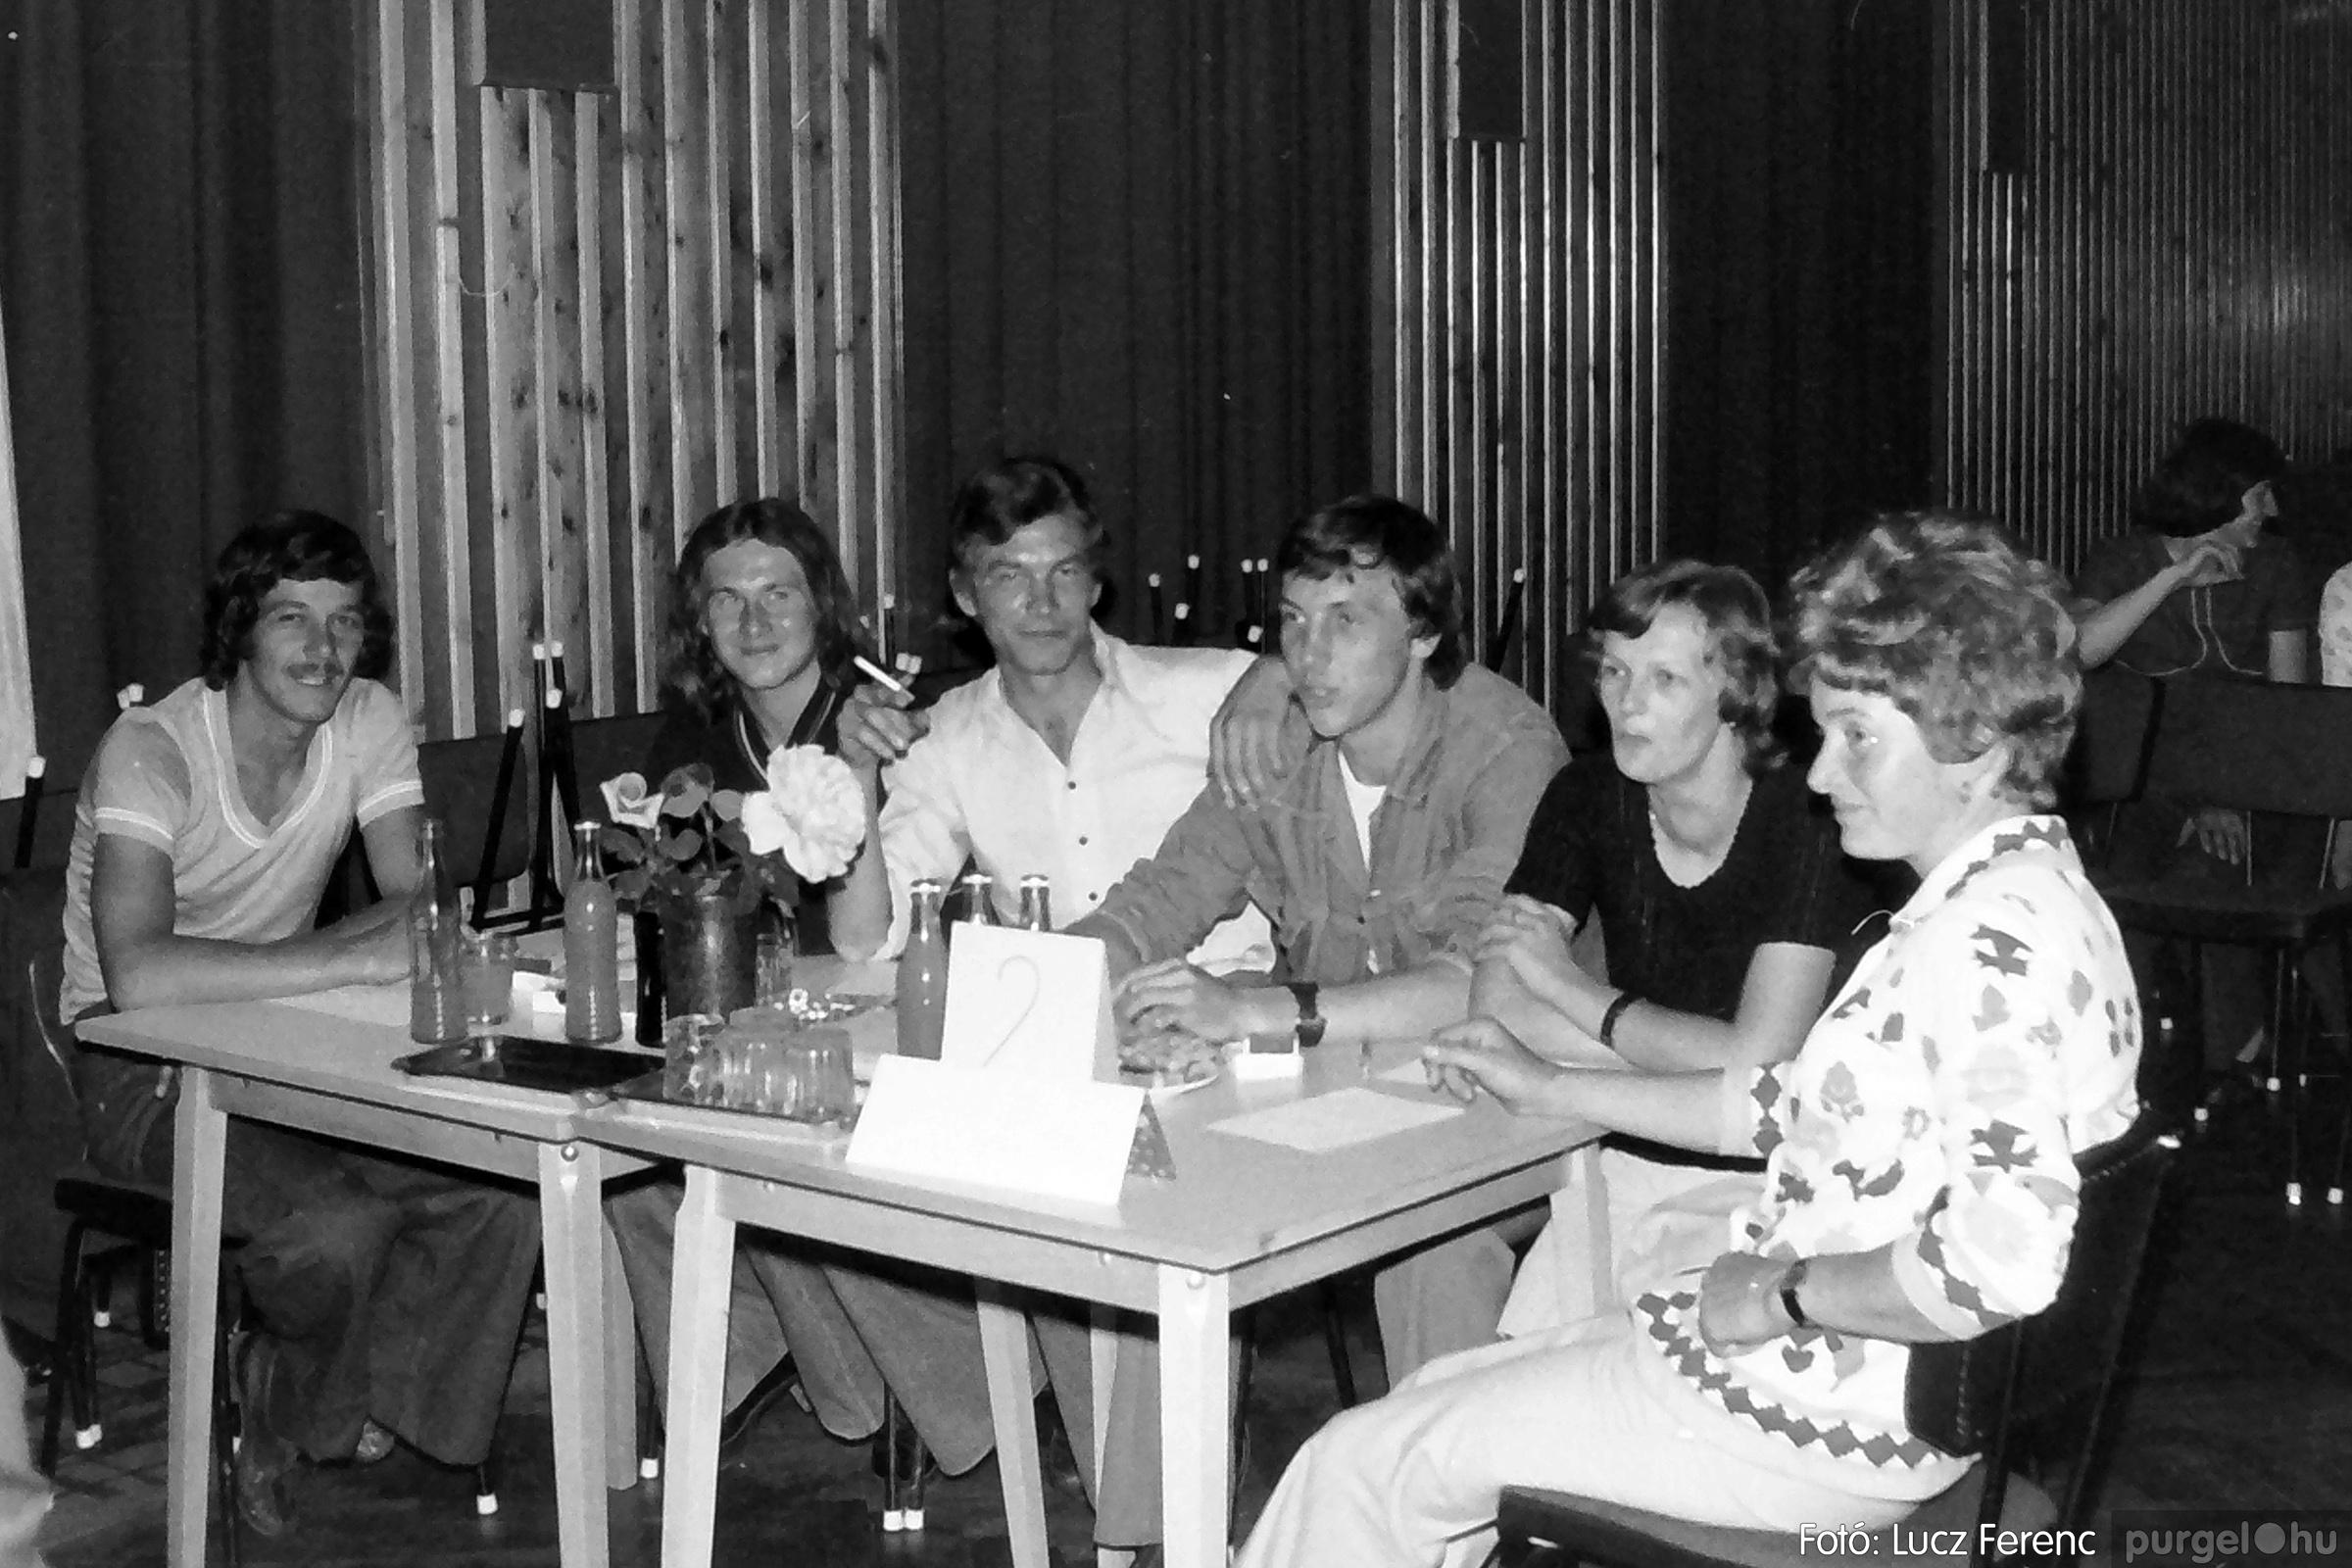 081. 1977. Kendergyári dolgozók vetélkedője 005. - Fotó: Lucz Ferenc.jpg